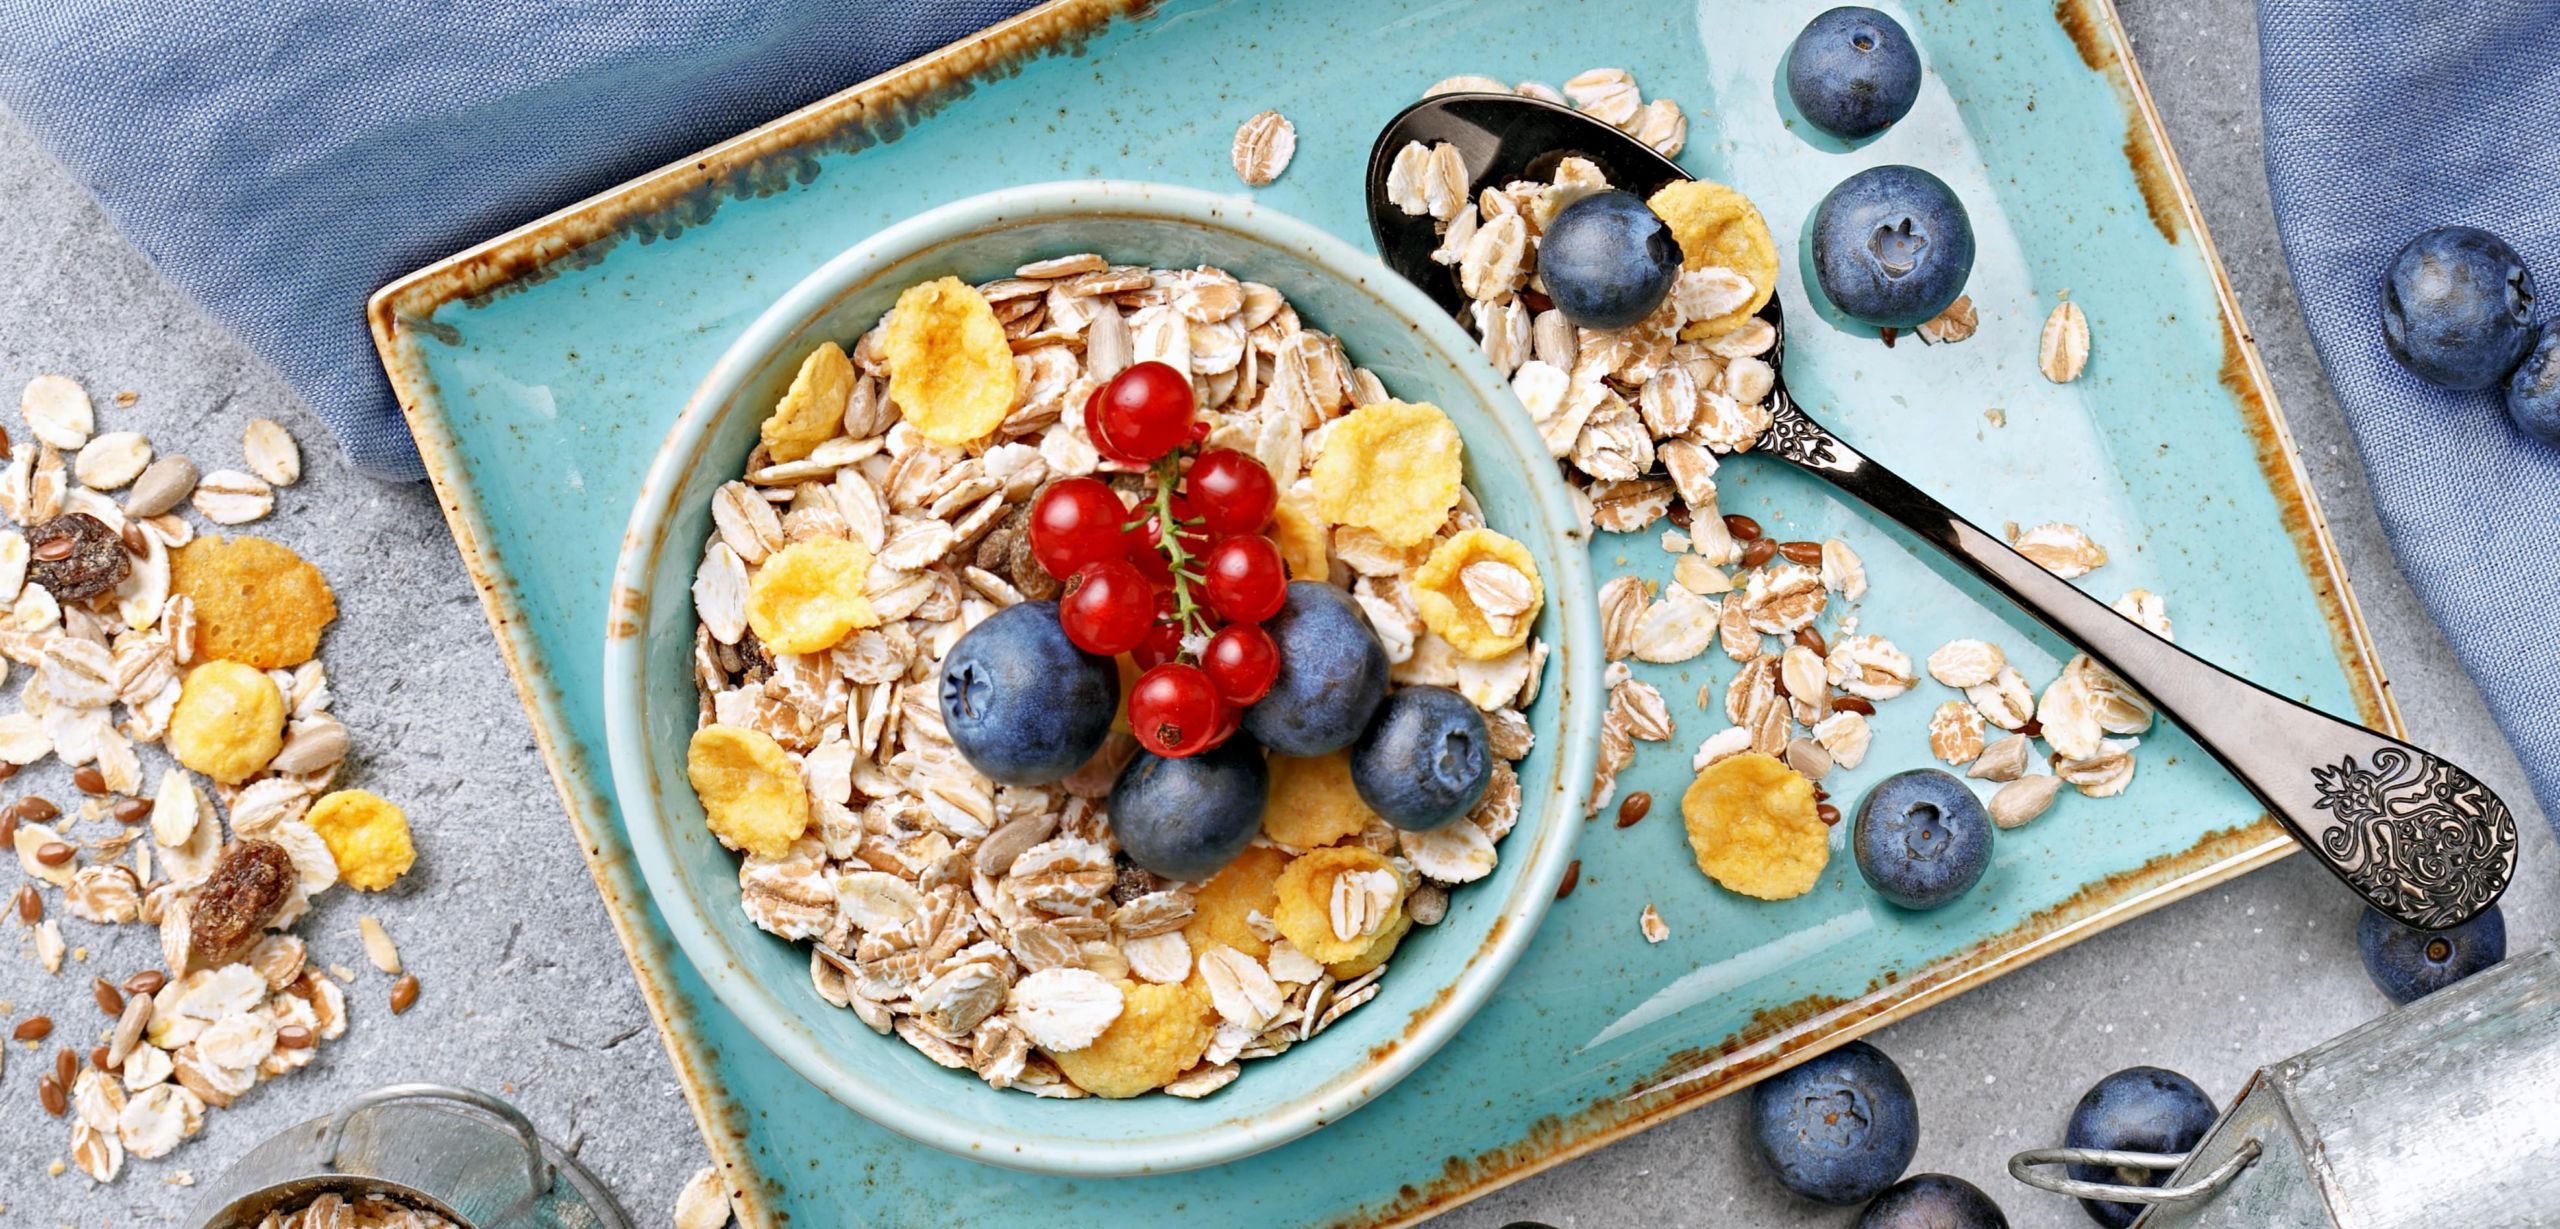 Colazione dietetica con fiocchi di avena per dimagrire